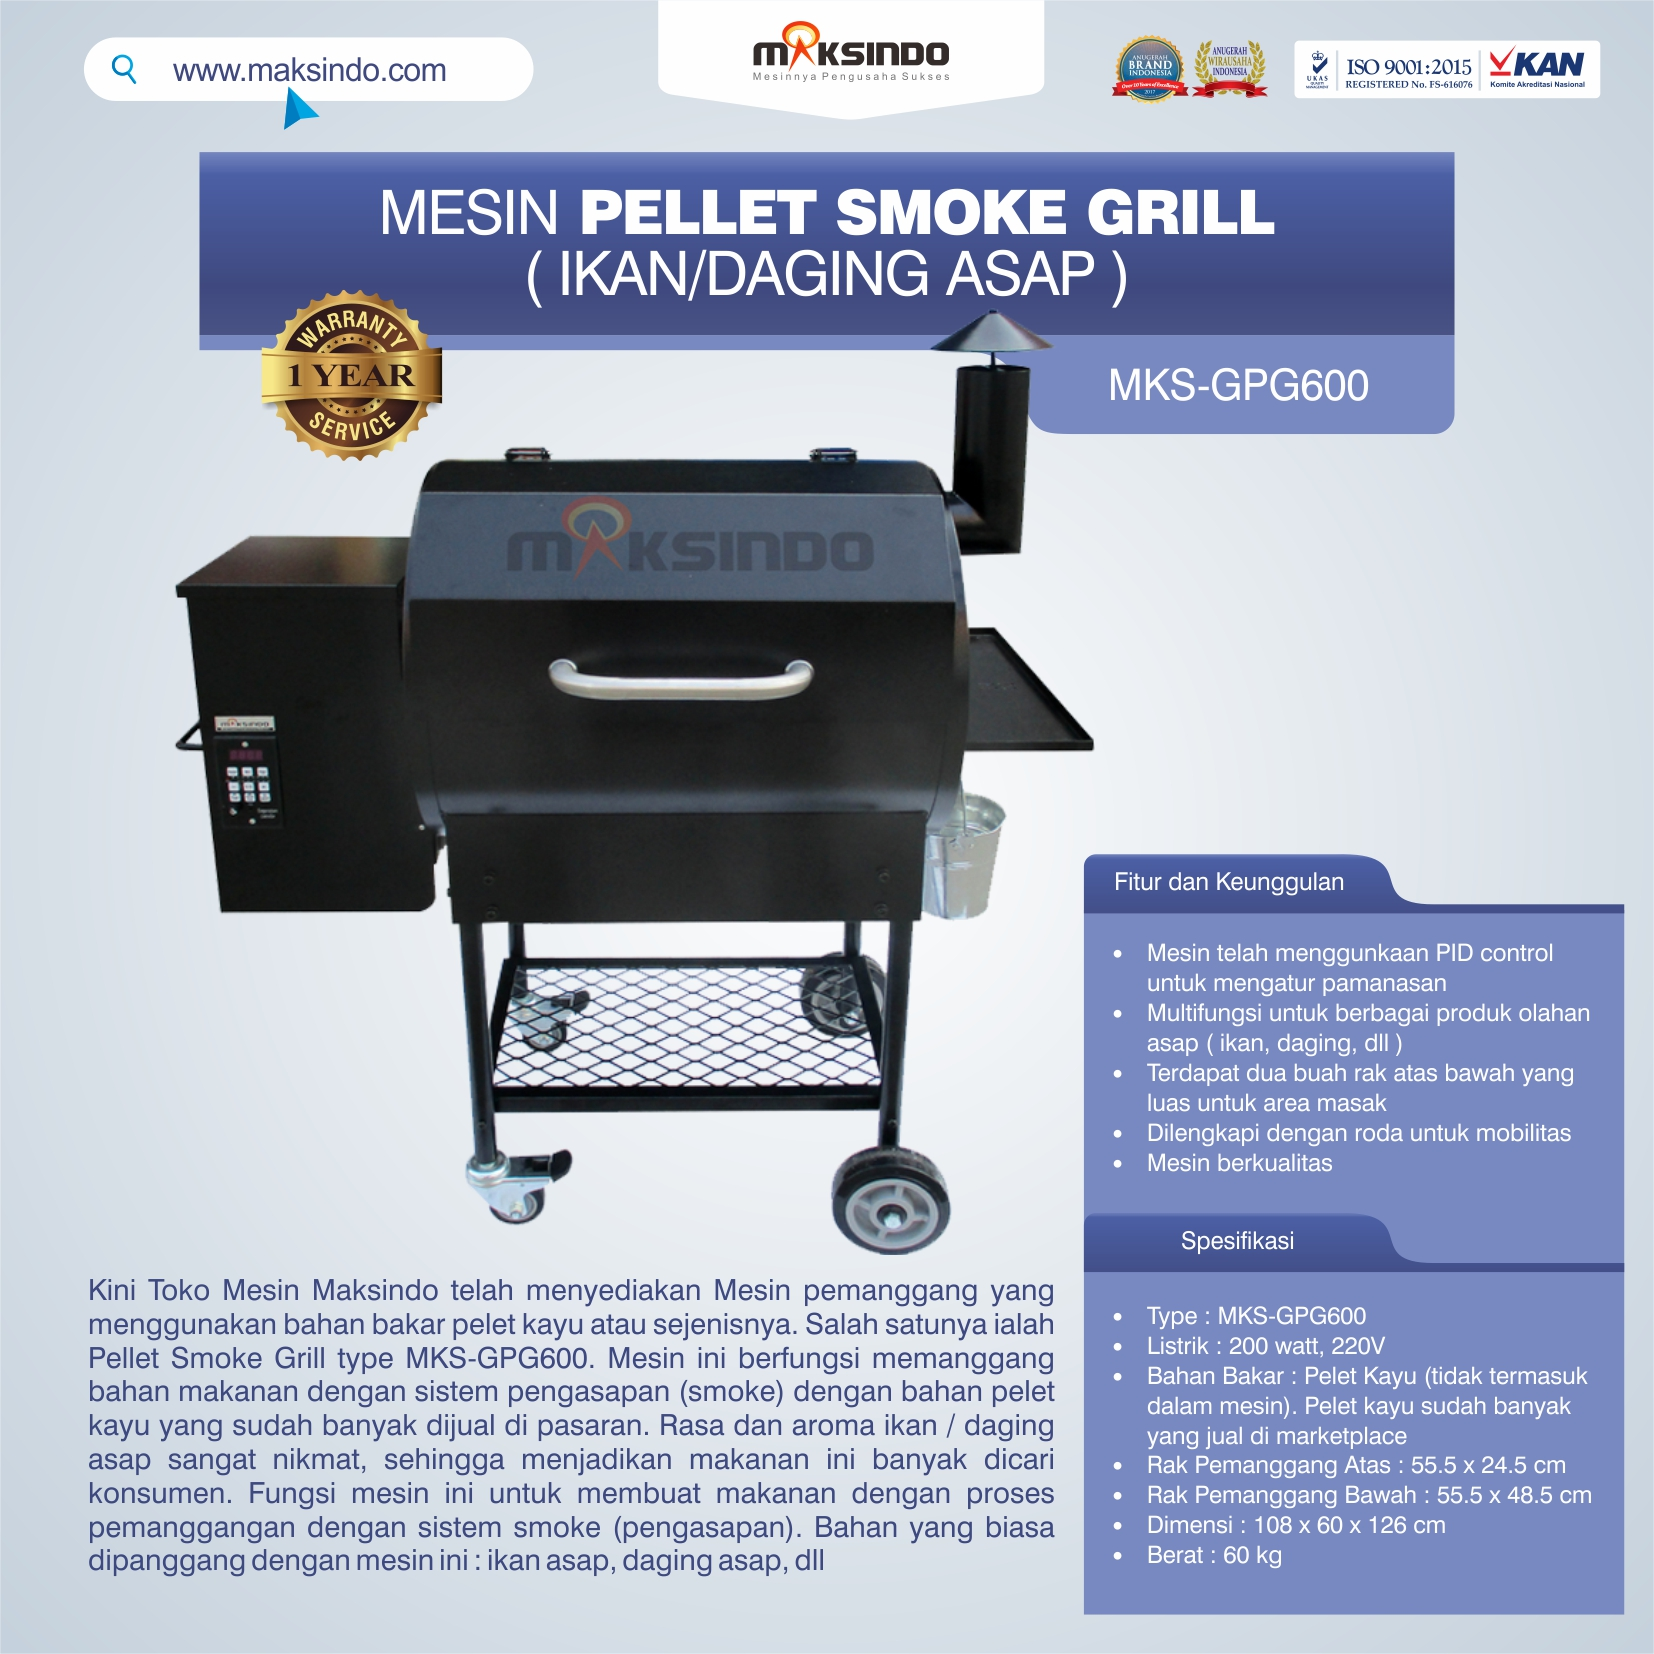 Jual Pellet Grill MKS-GPG600 di Makassar